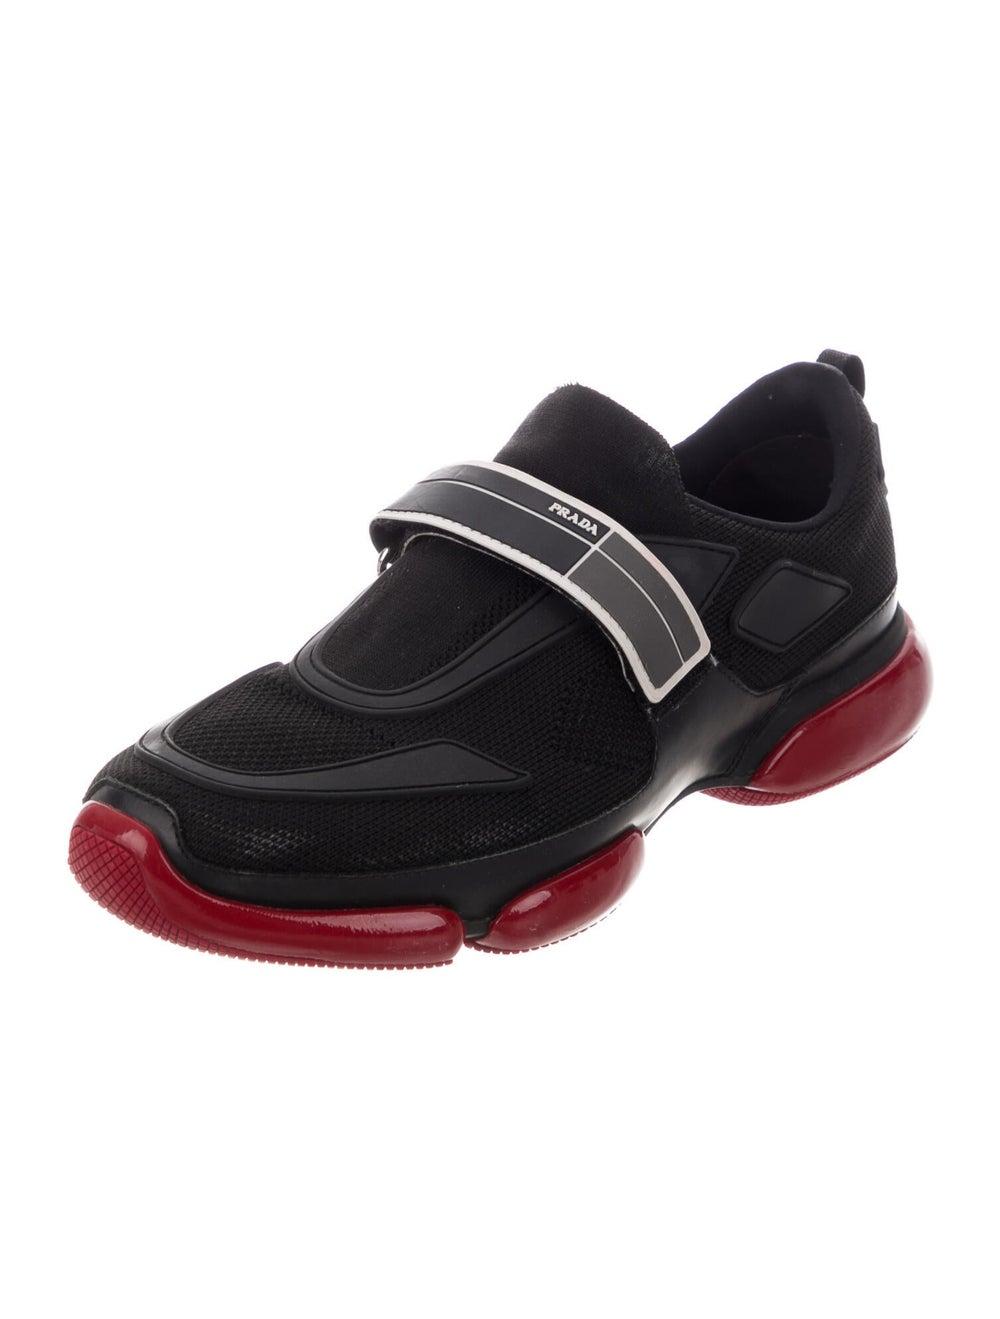 Prada Sneakers Black - image 2